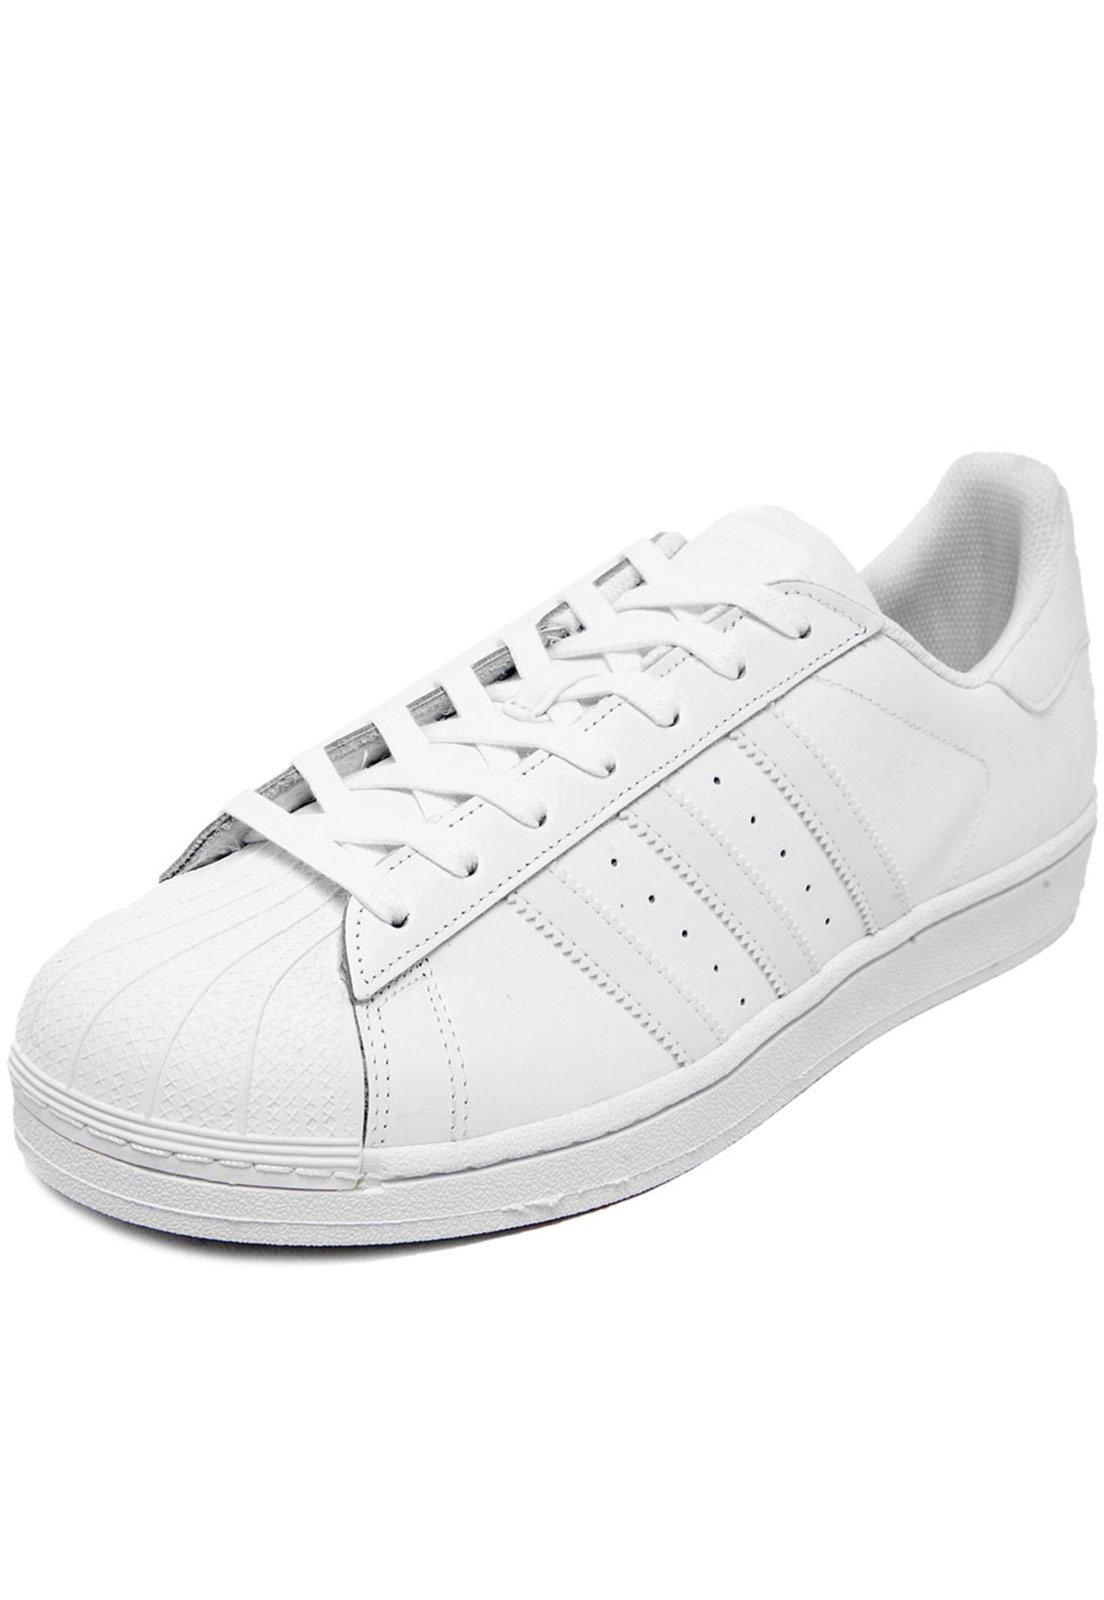 f57a910246c8a7 Tênis adidas Originals Superstar Foundation Branco - Compre Agora ...